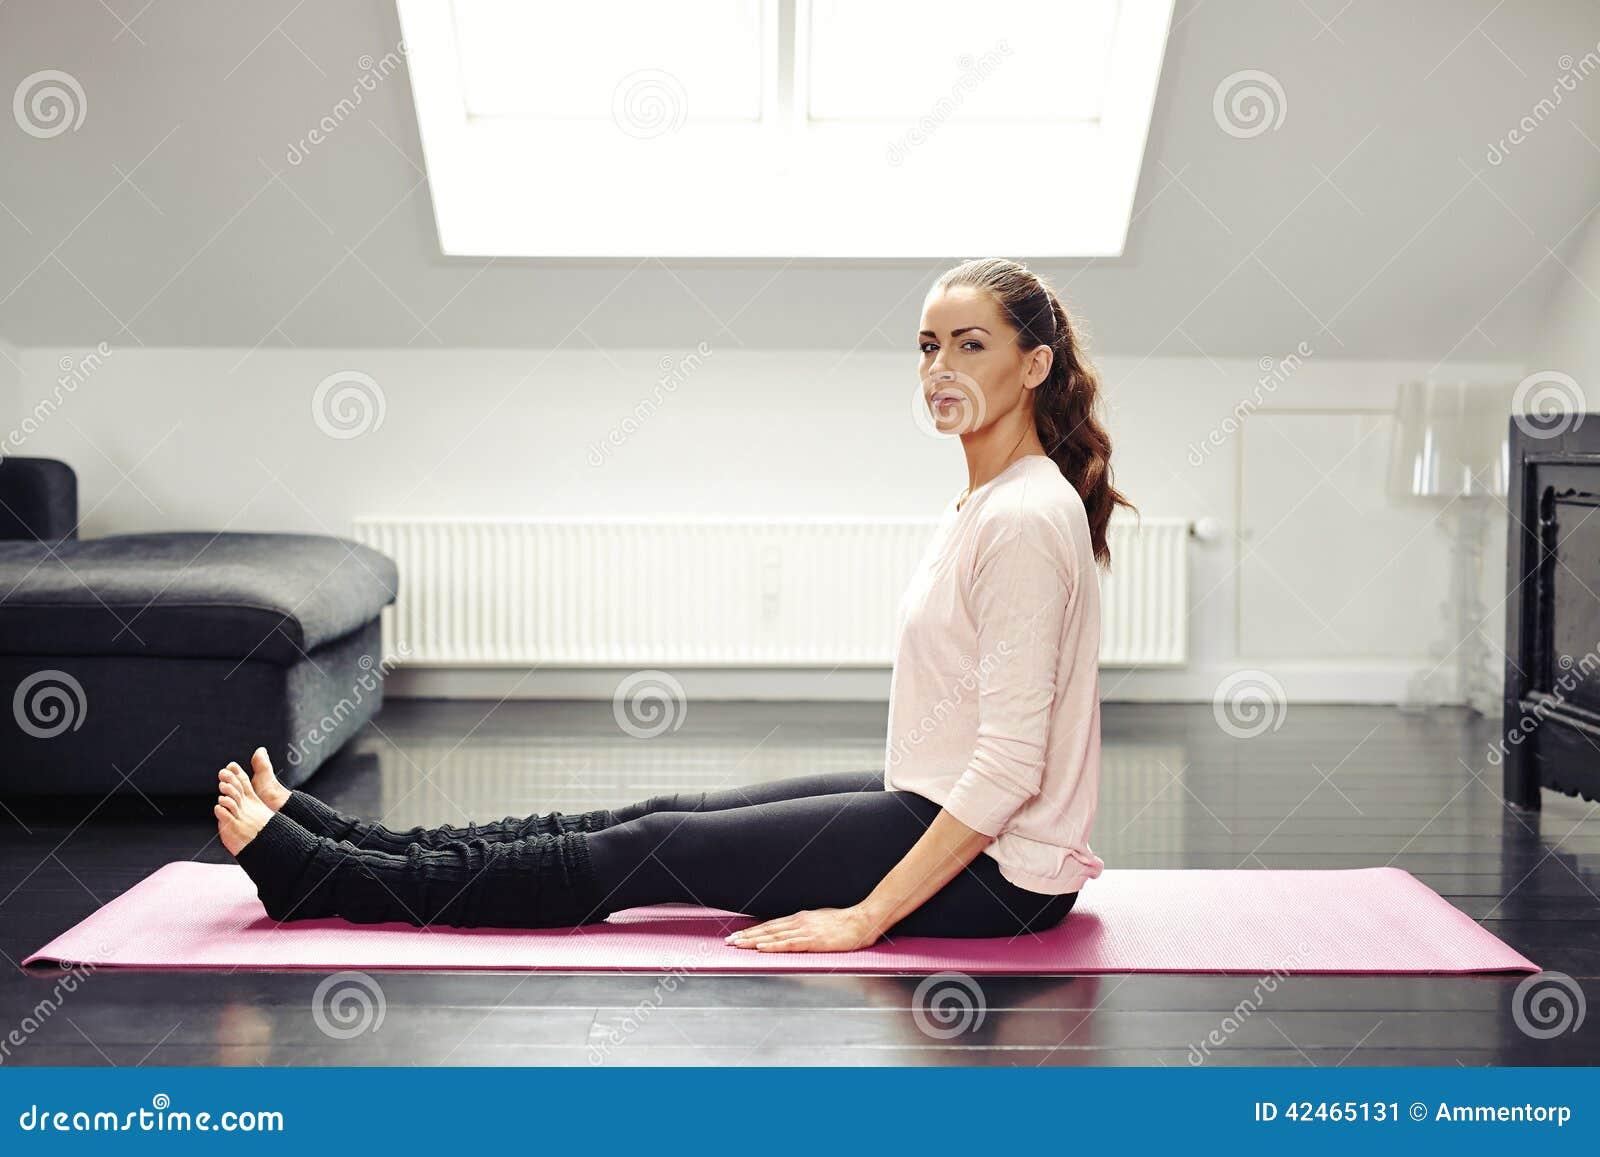 Geeignete junge Frau, die auf Übungsmatte - zuhause sitzt